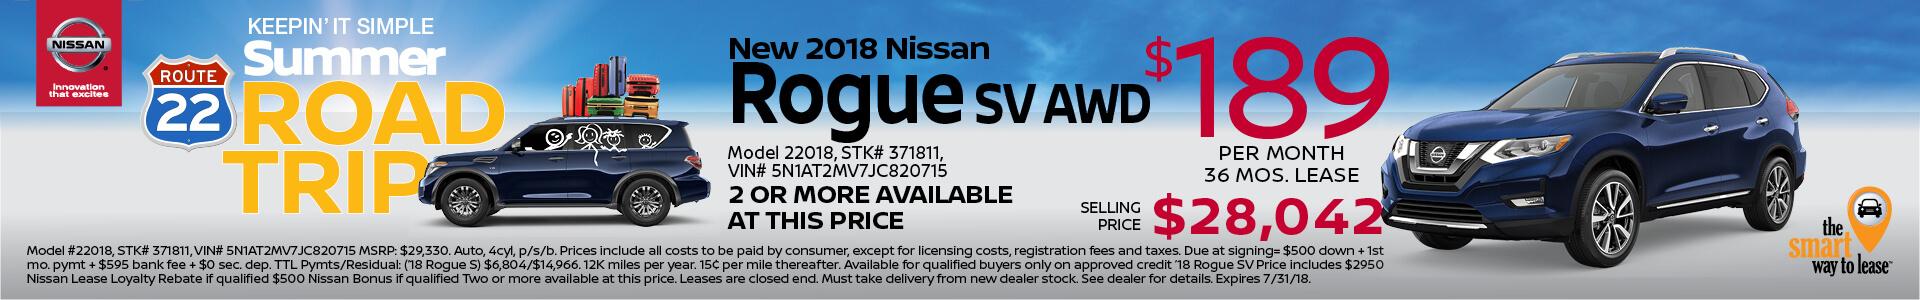 2018 Rogue $169